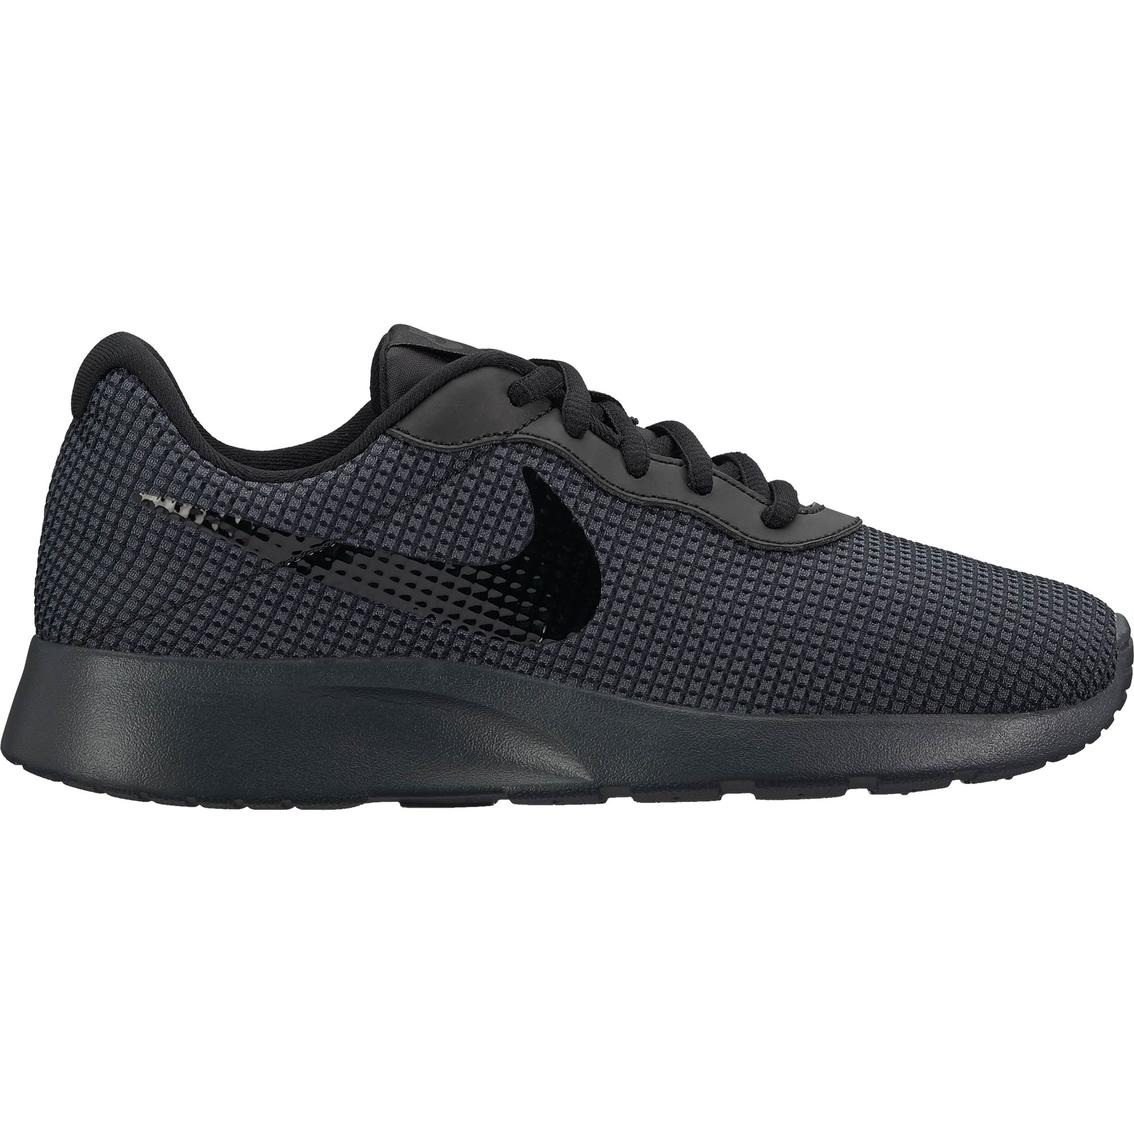 79a2932bba1 Nike Women s Tanjun Se Shoes